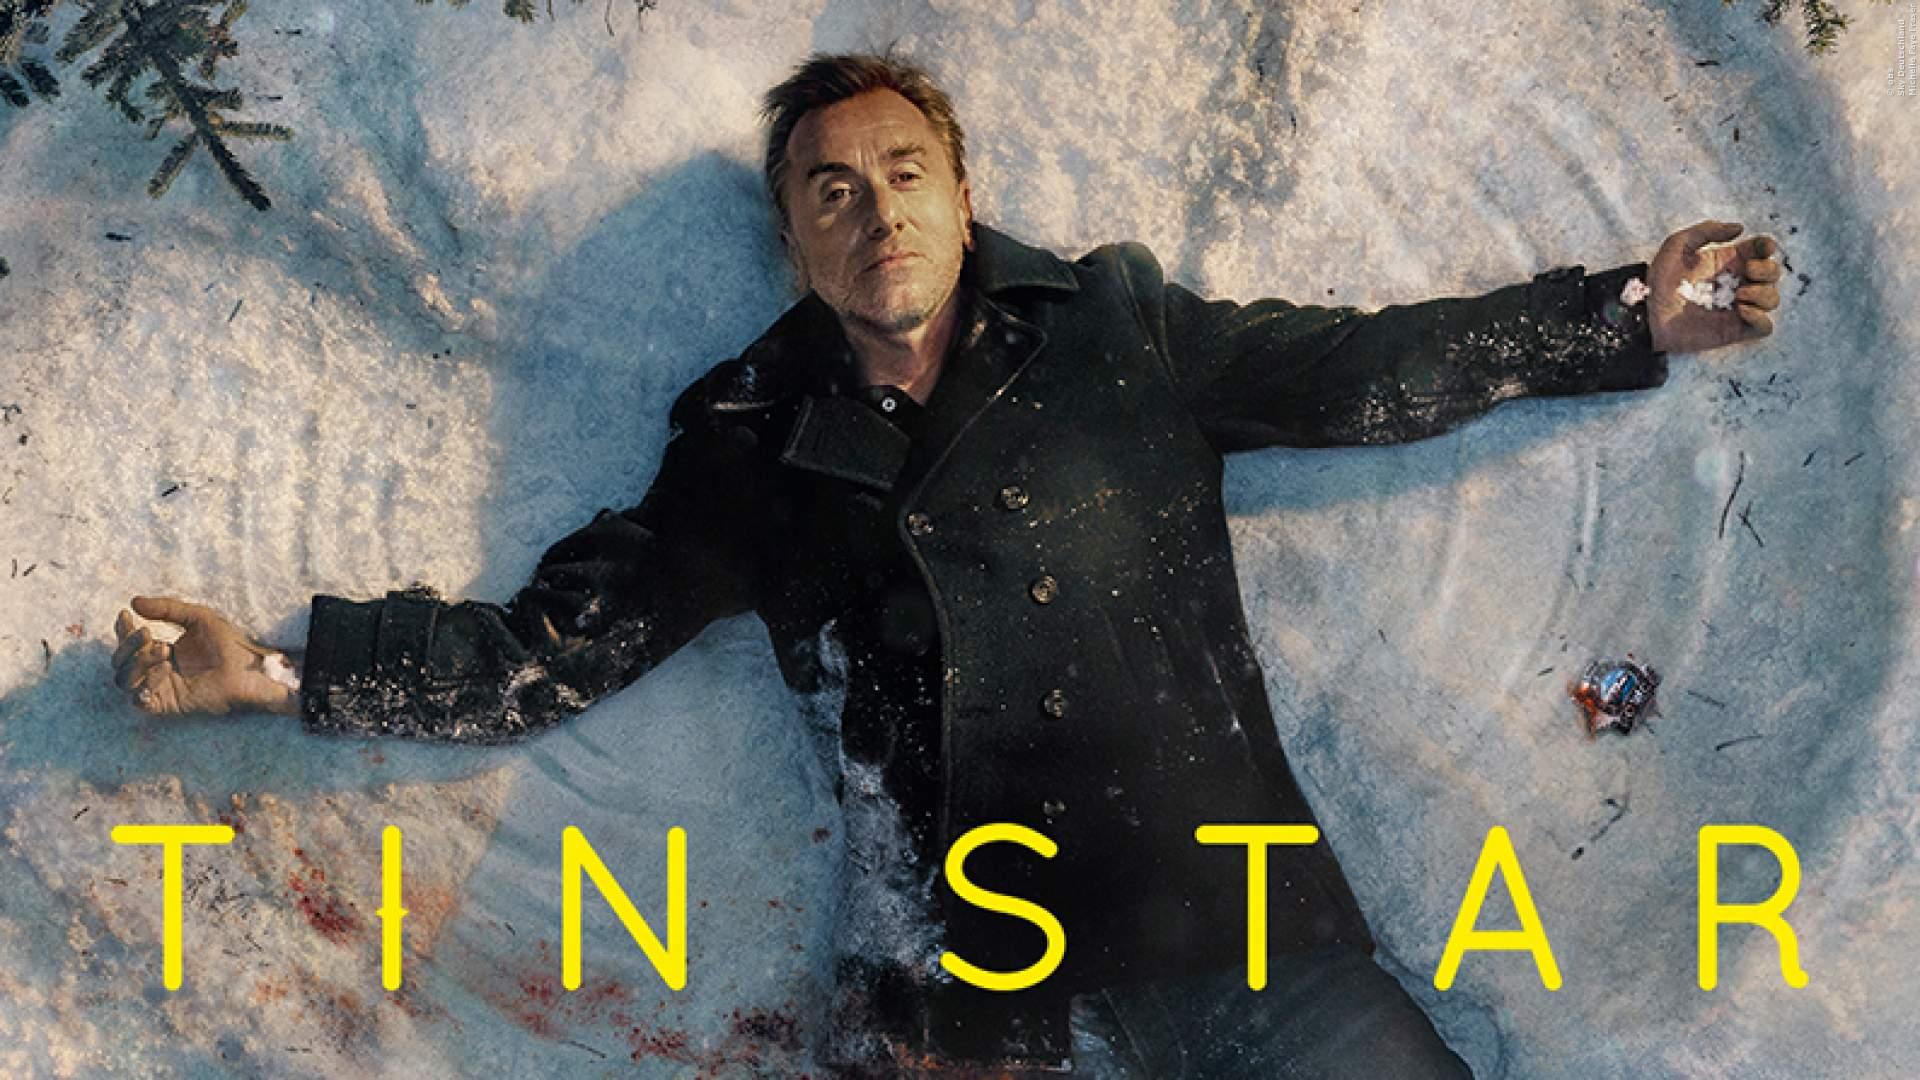 Tin Star Staffel 2